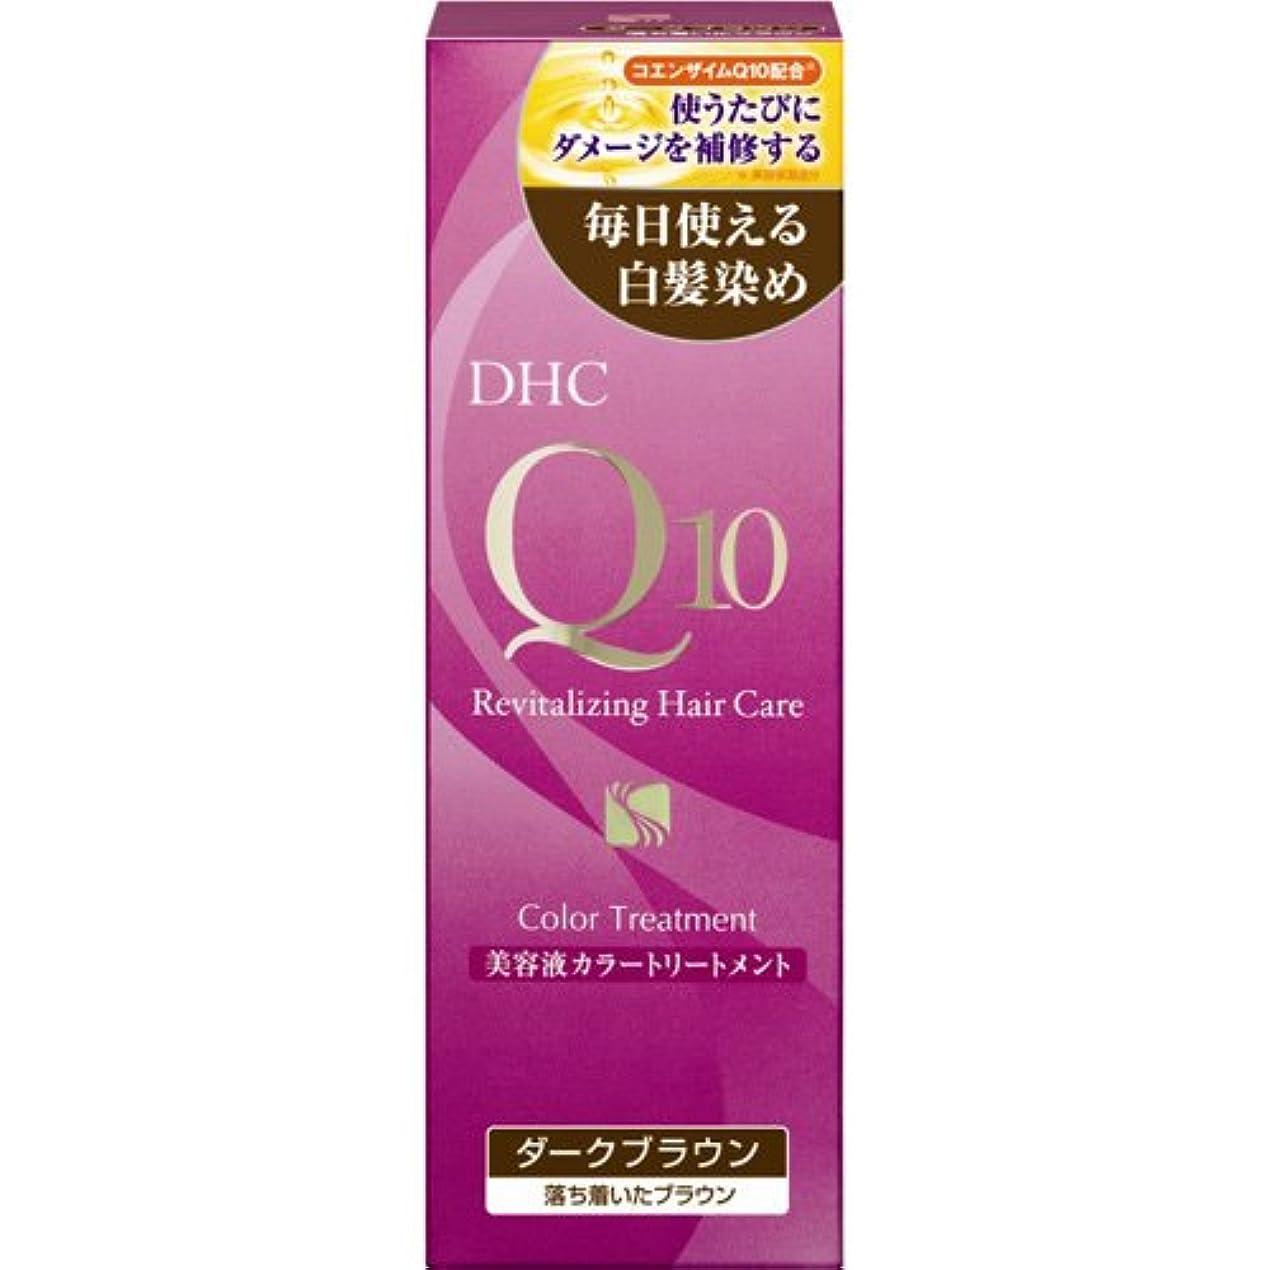 維持する出くわす豊富なDHC Q10美溶液カラートリートメントDブラウンSS170g